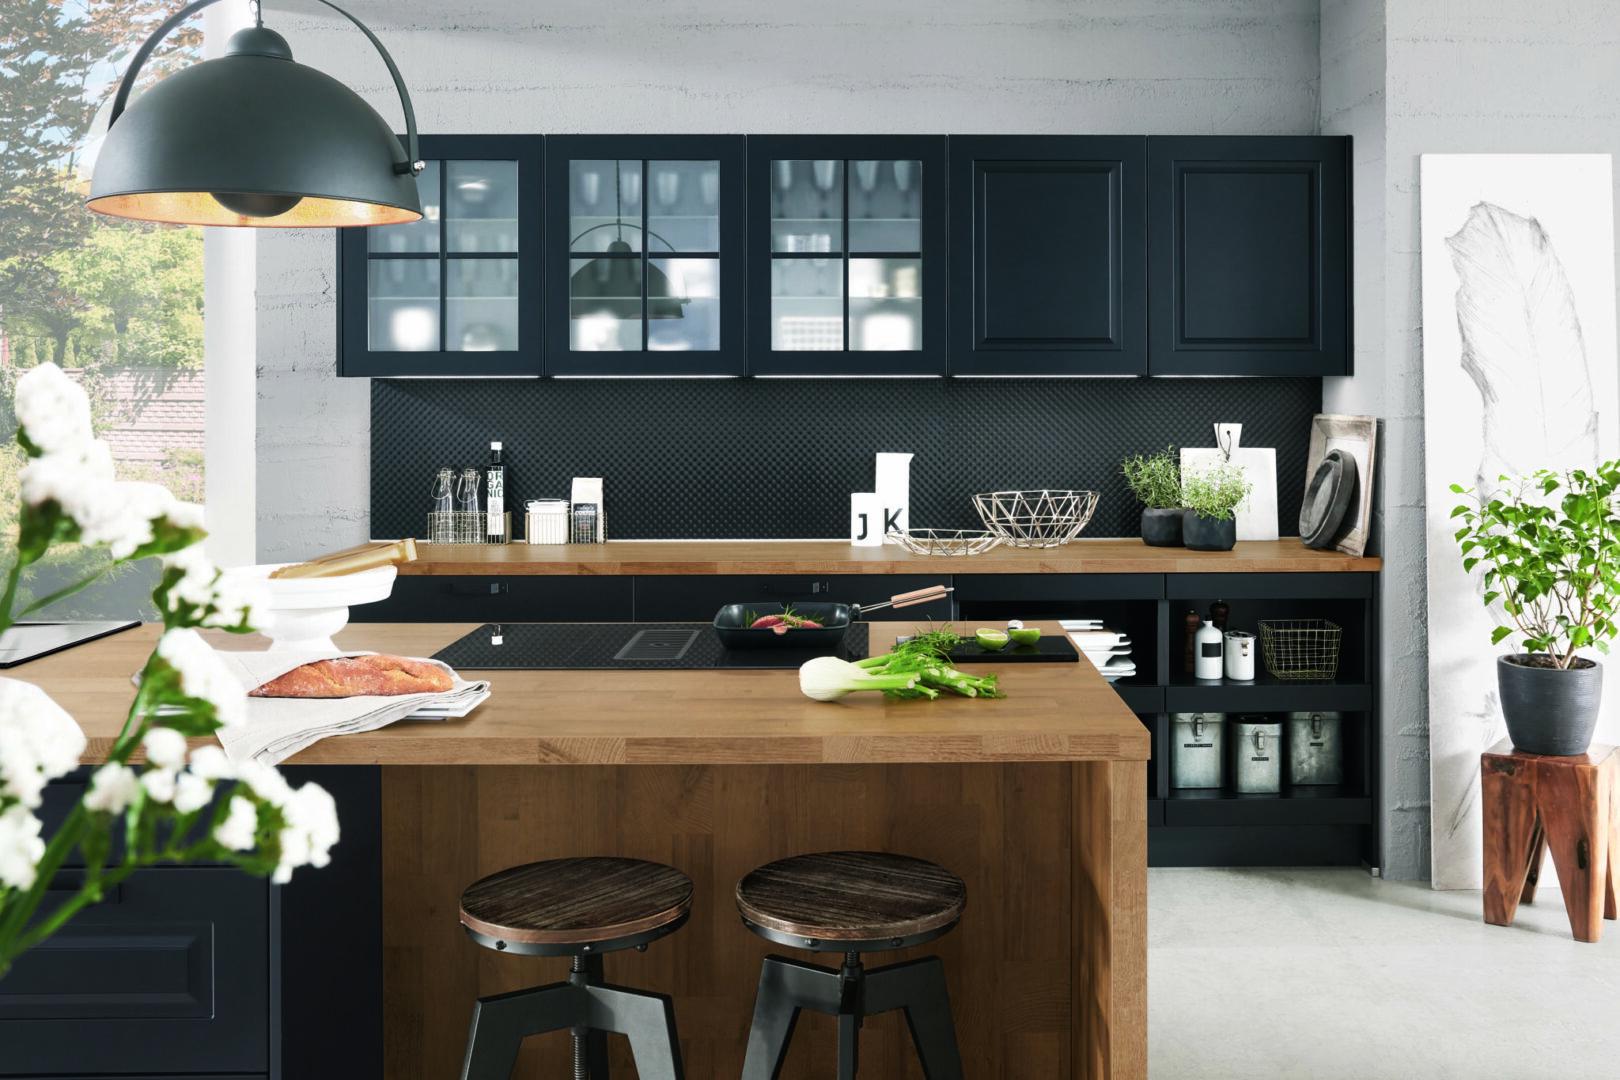 Küchen – Wilkens Teamwork GmbH